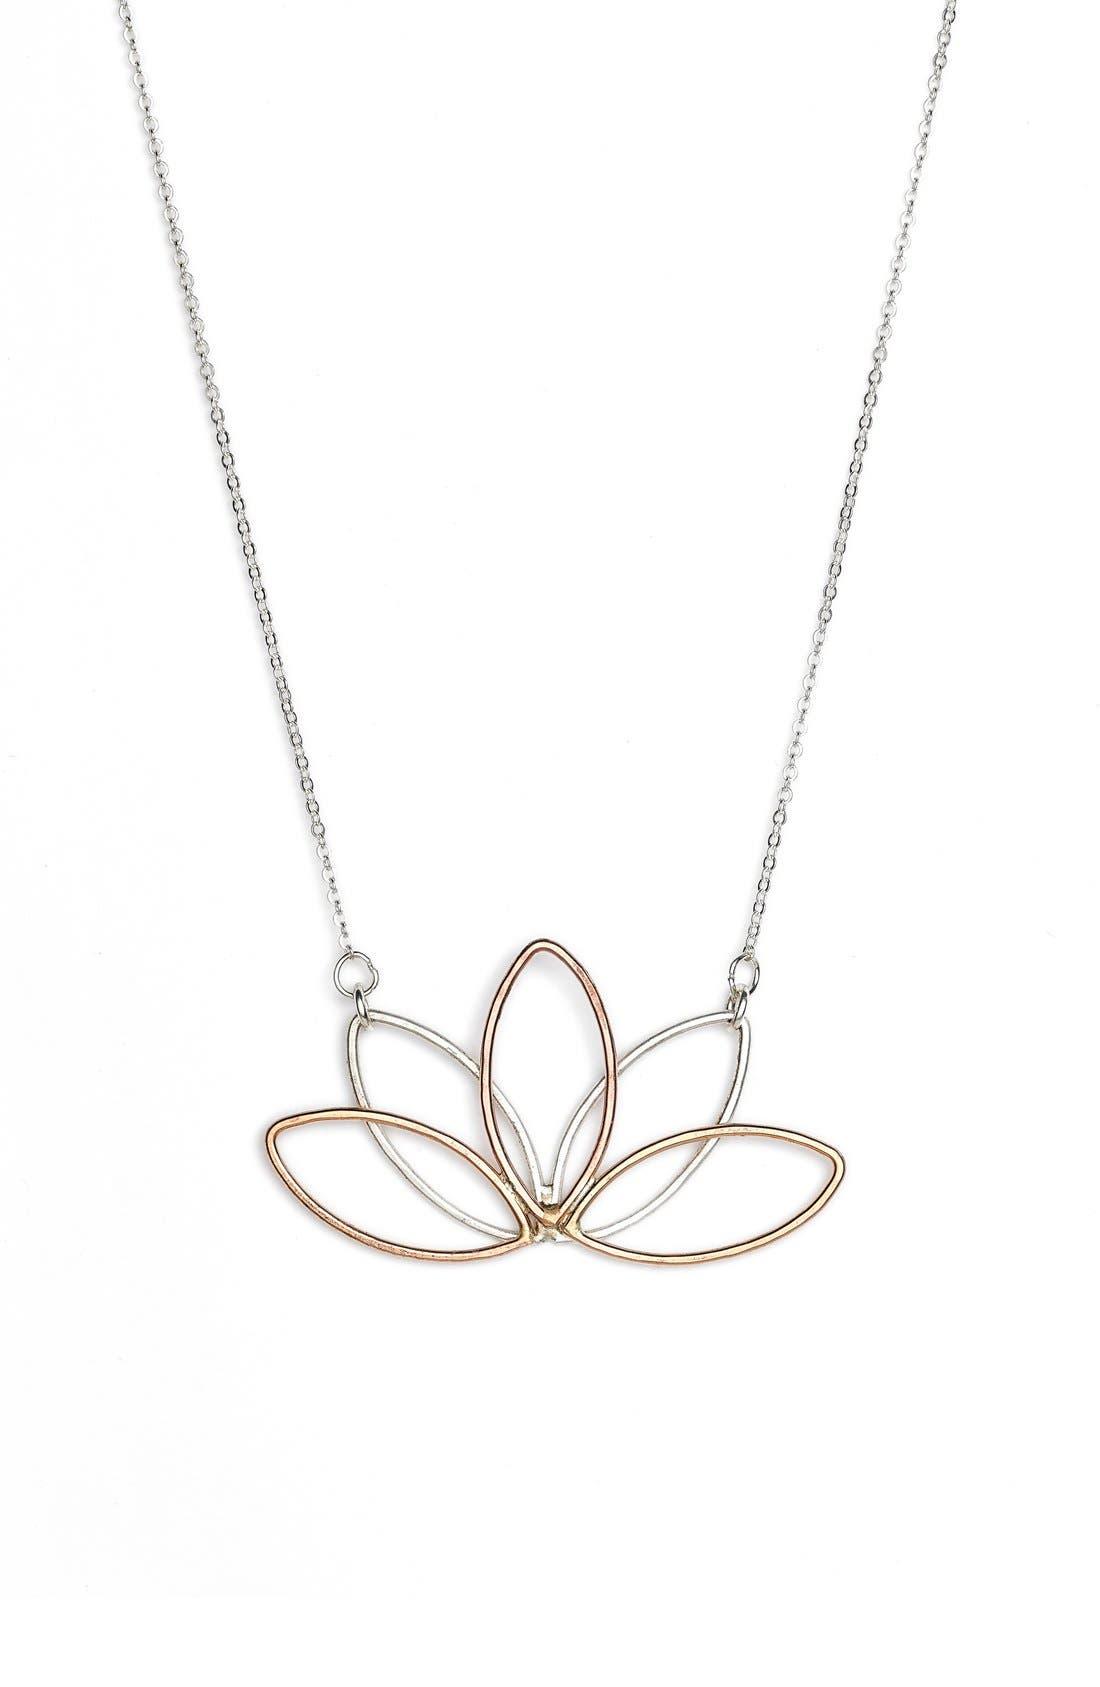 Main Image - Nashelle Lotus Pendant Necklace